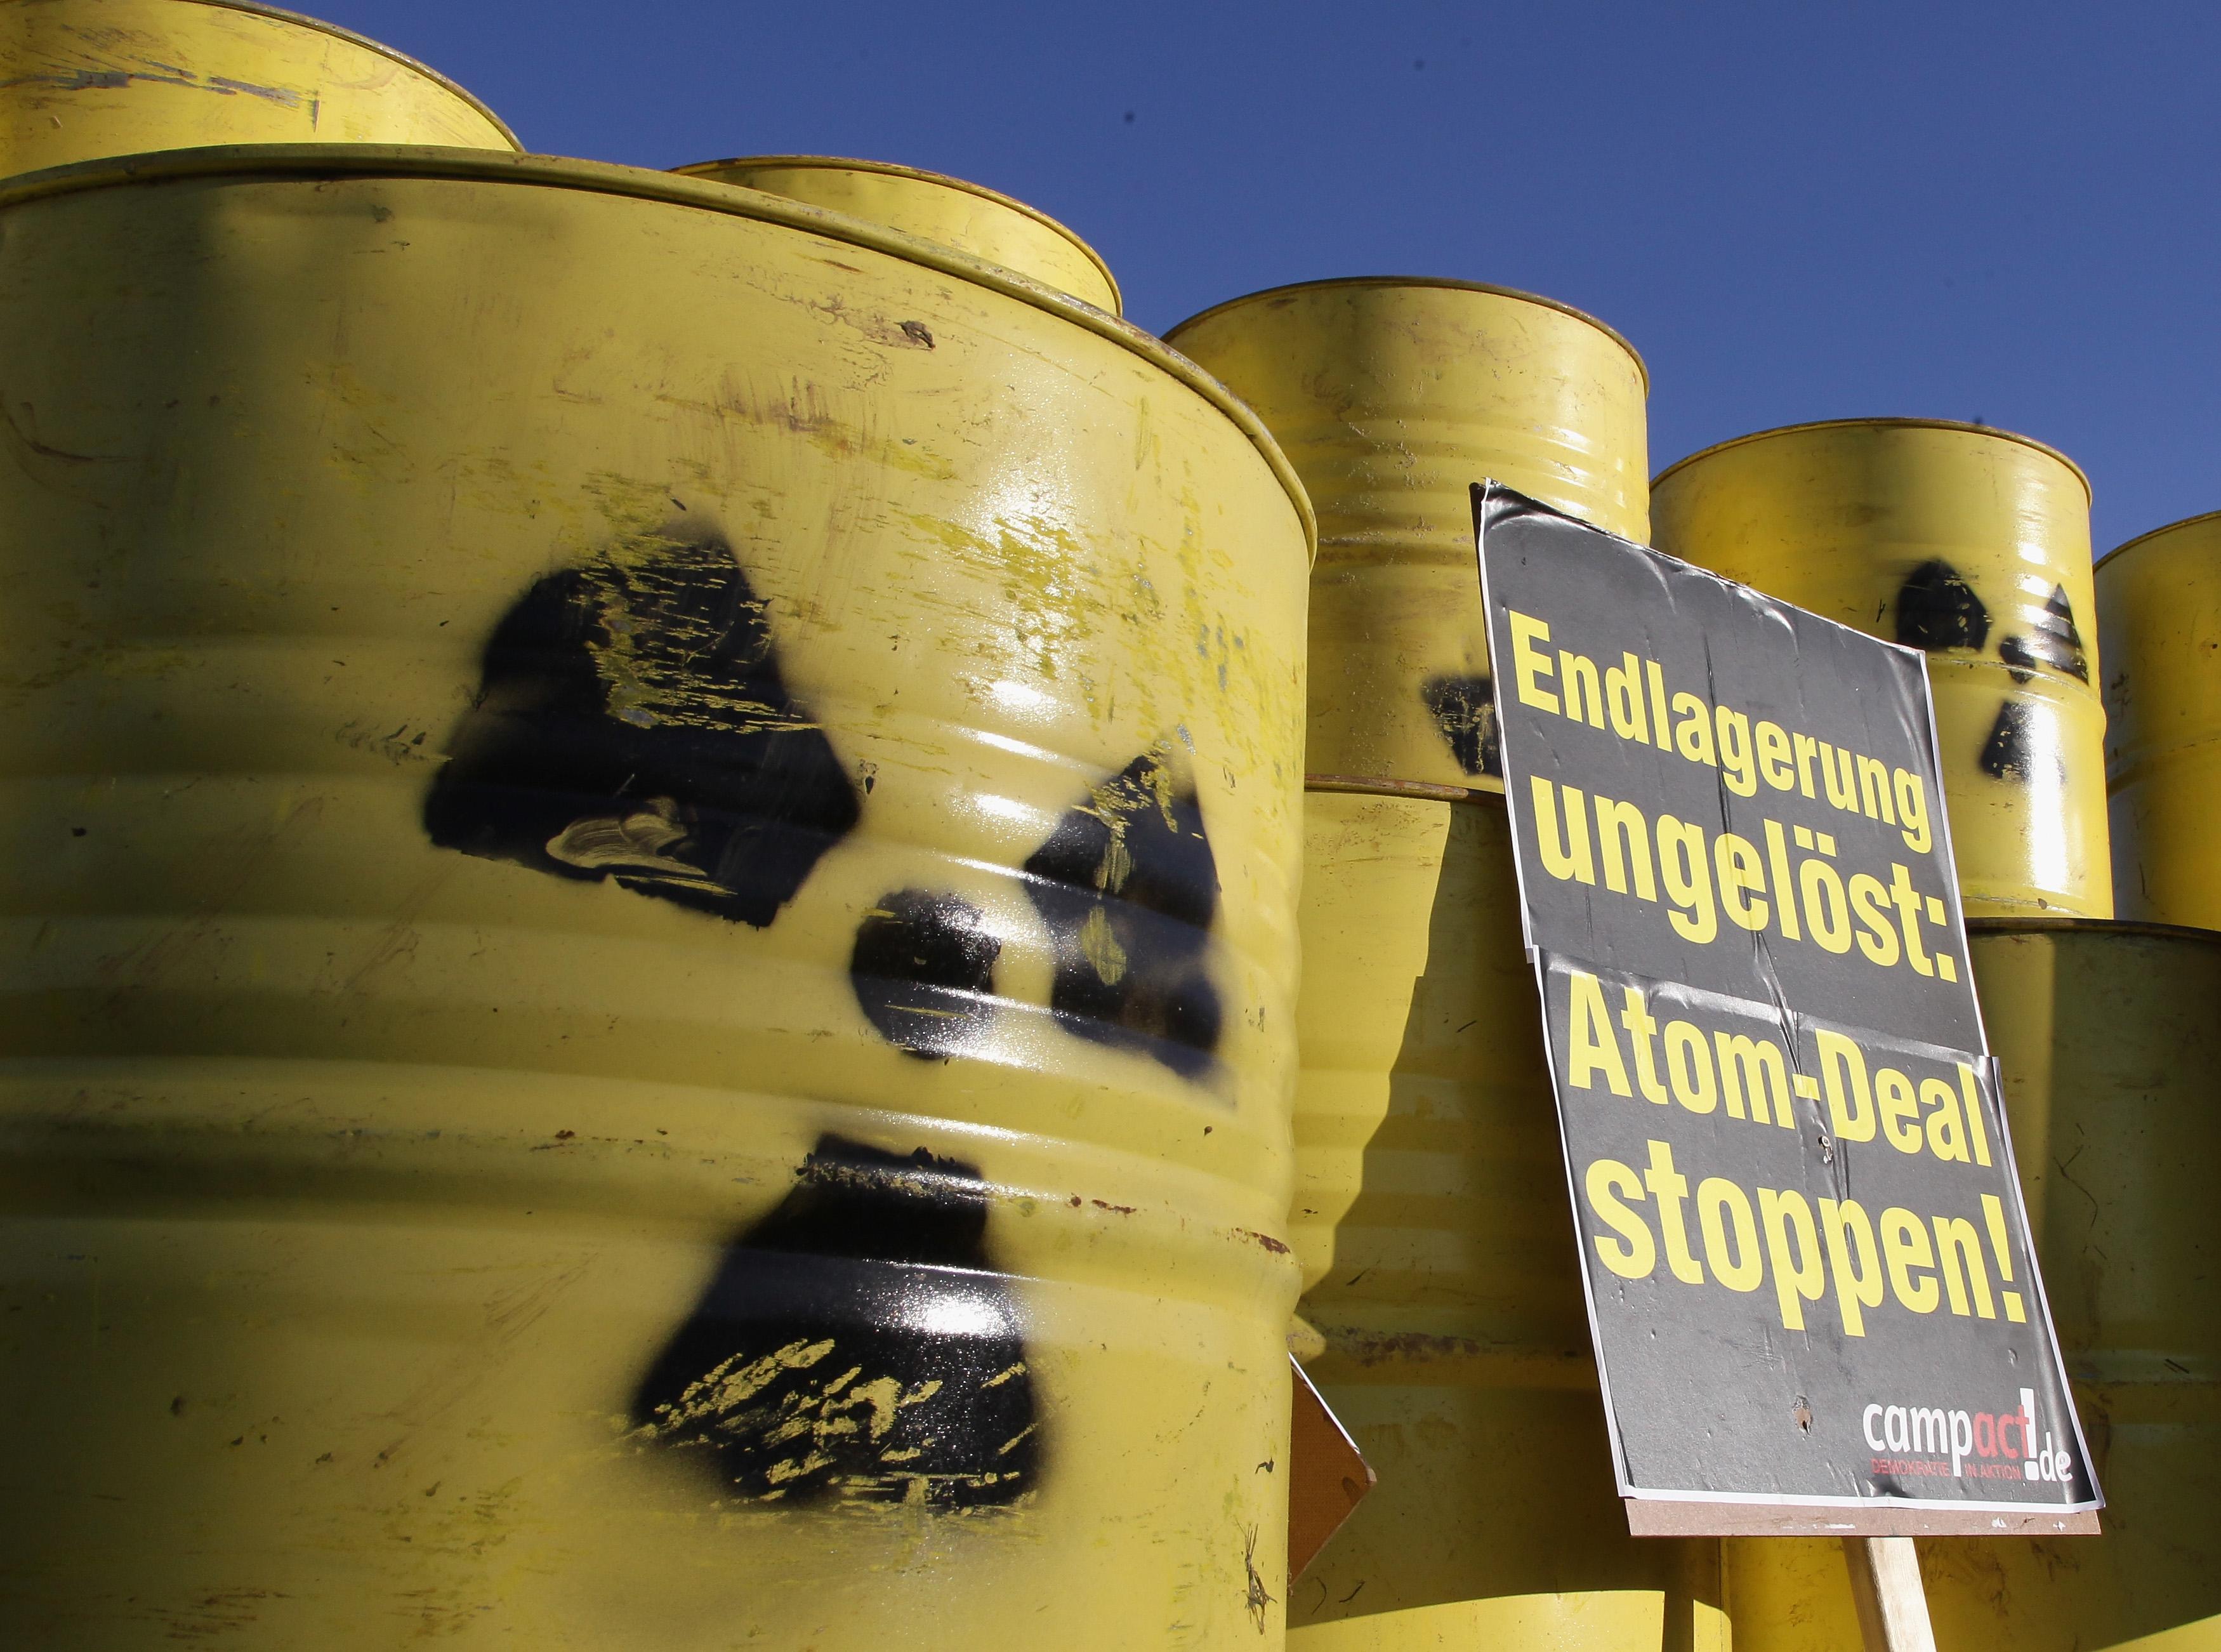 Das schmutzige Geschäft mit dem Giftmüll: BKA ermittelt wegen schweren Umweltstraftaten